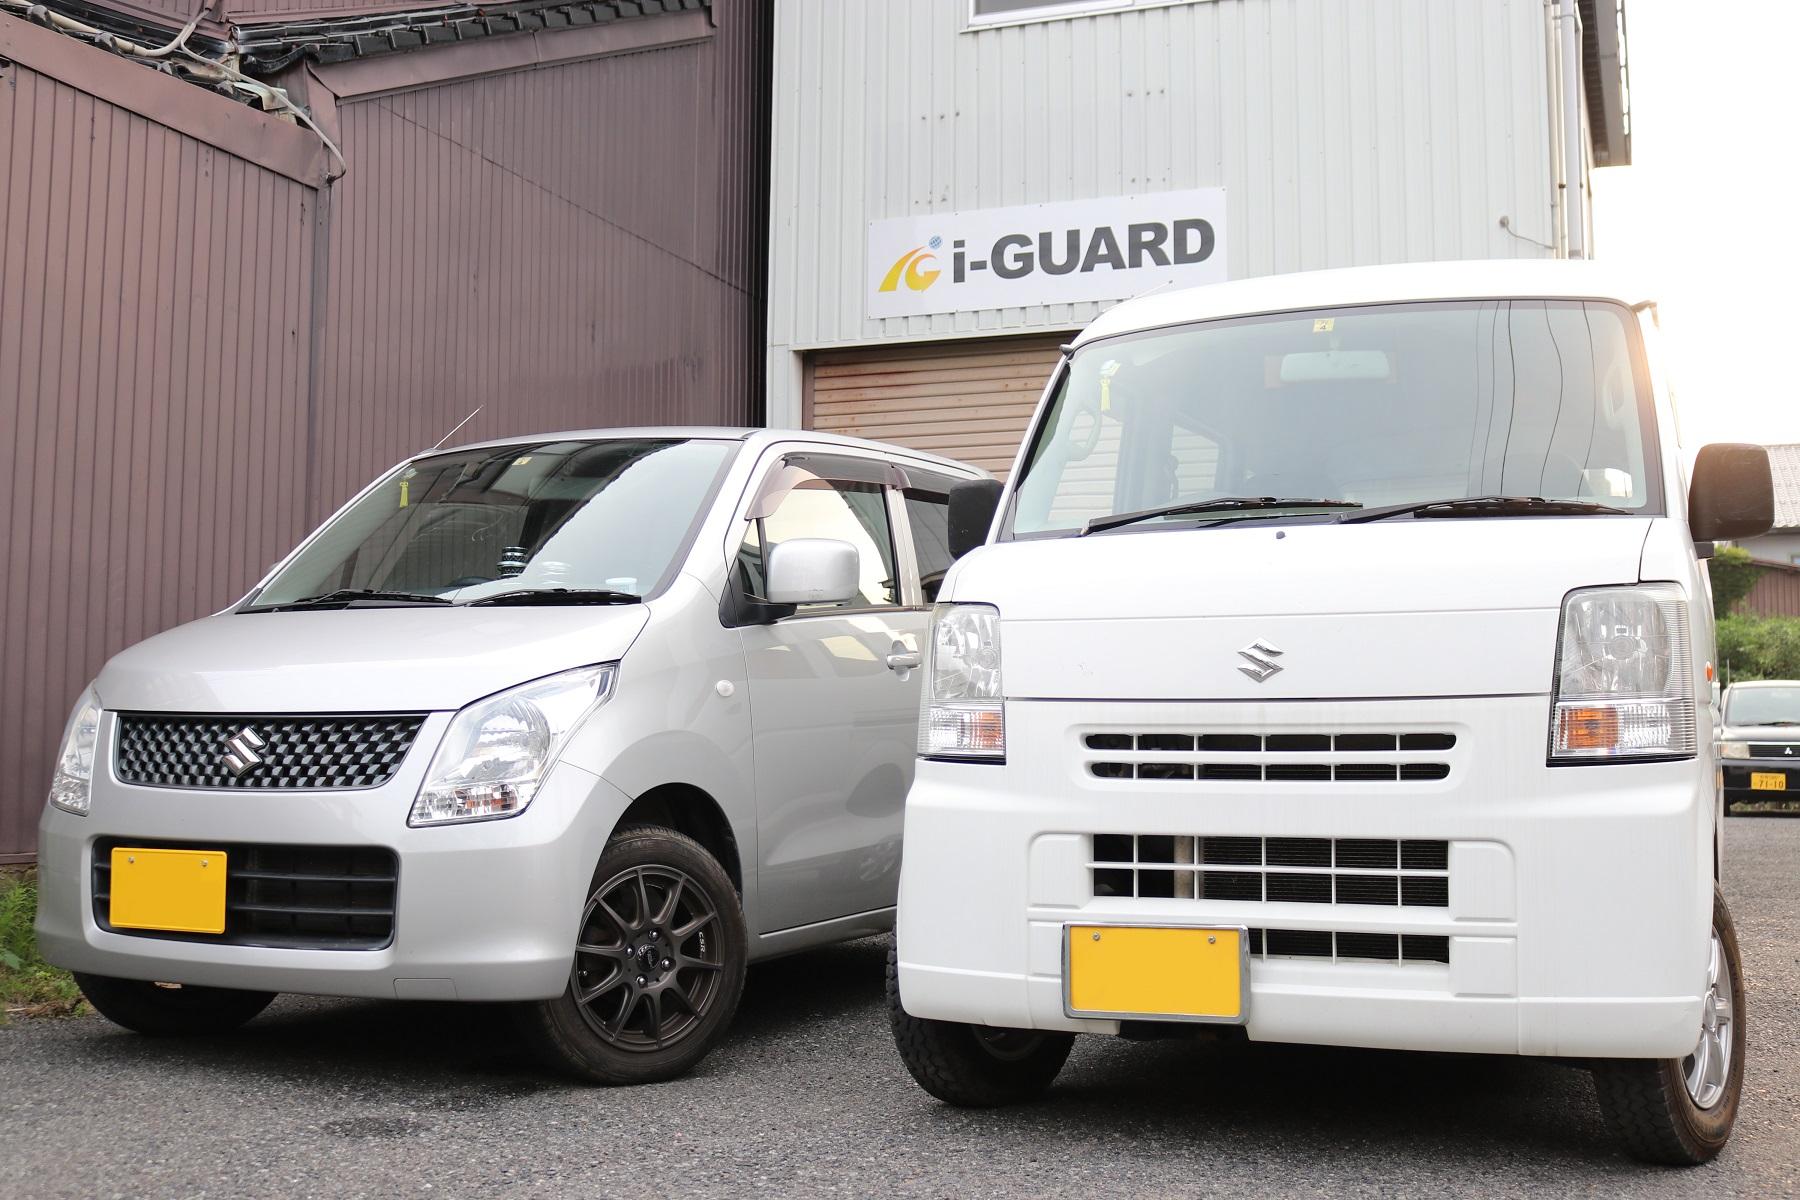 鳥取県の警備会社は株式会社アイガードR